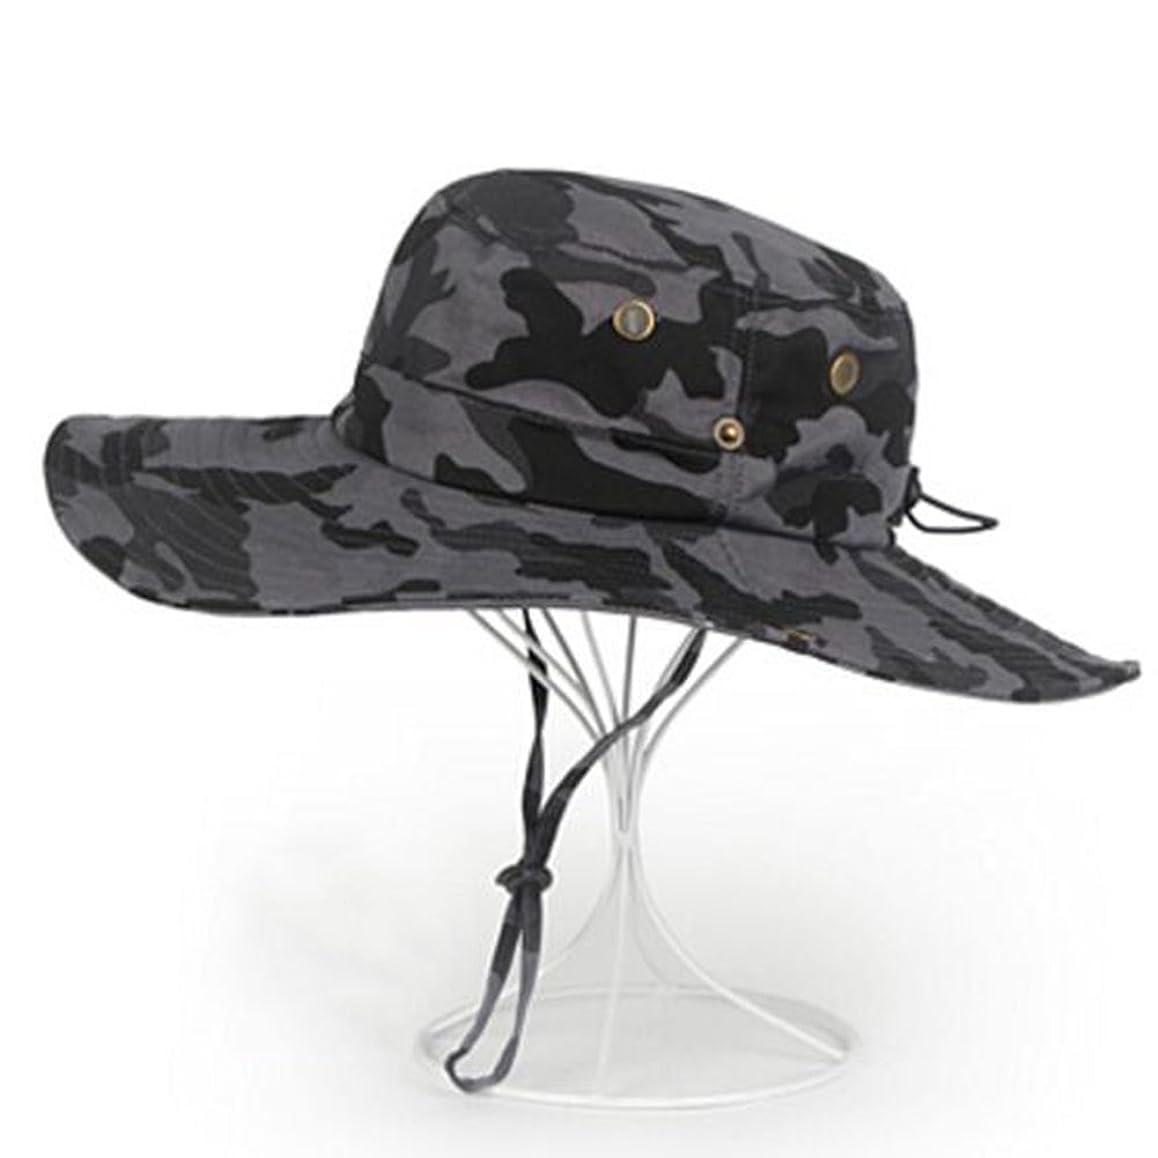 アラブサラボ包括的第二HTDZDX カモフラージュサンプロテクションハット、夏の屋外レジャー折りたたみ可能なサンプロテクションハットの男性は、大きな帽子、風のロープを折り畳むことができます (色 : B)